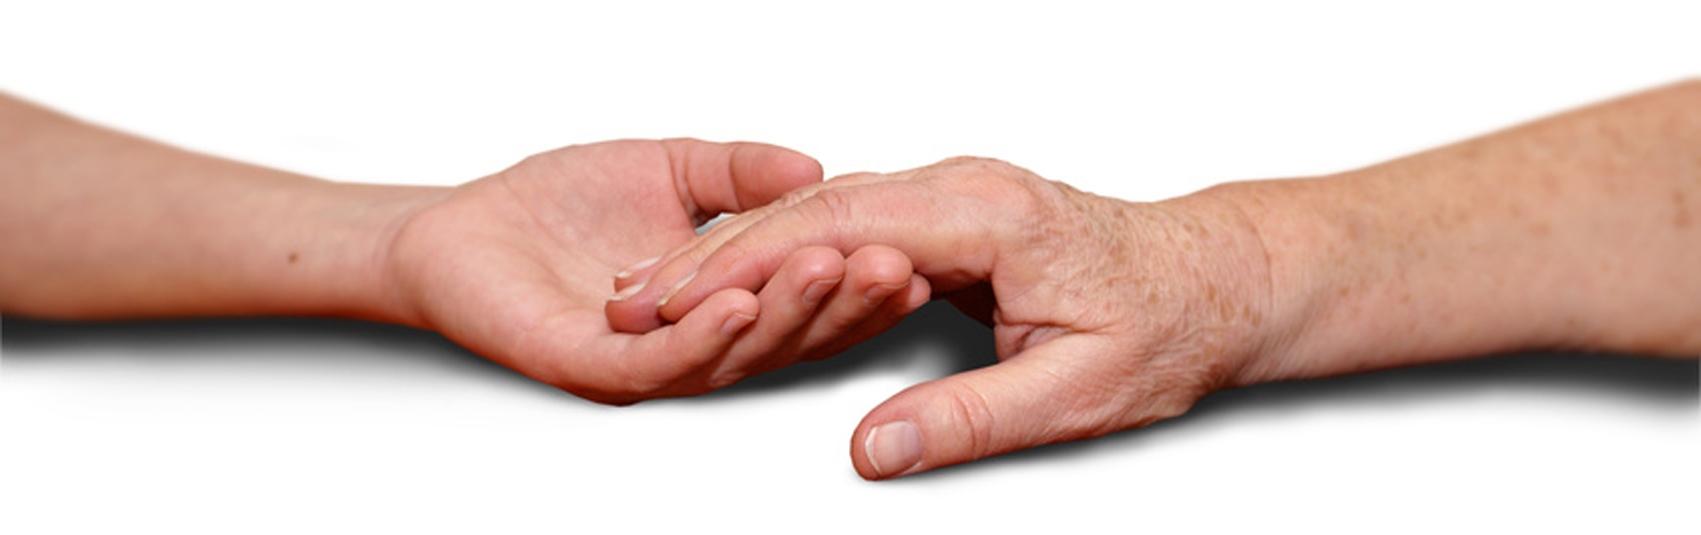 Widerspruch Der Musterbrief An Die Pflegeversicherung